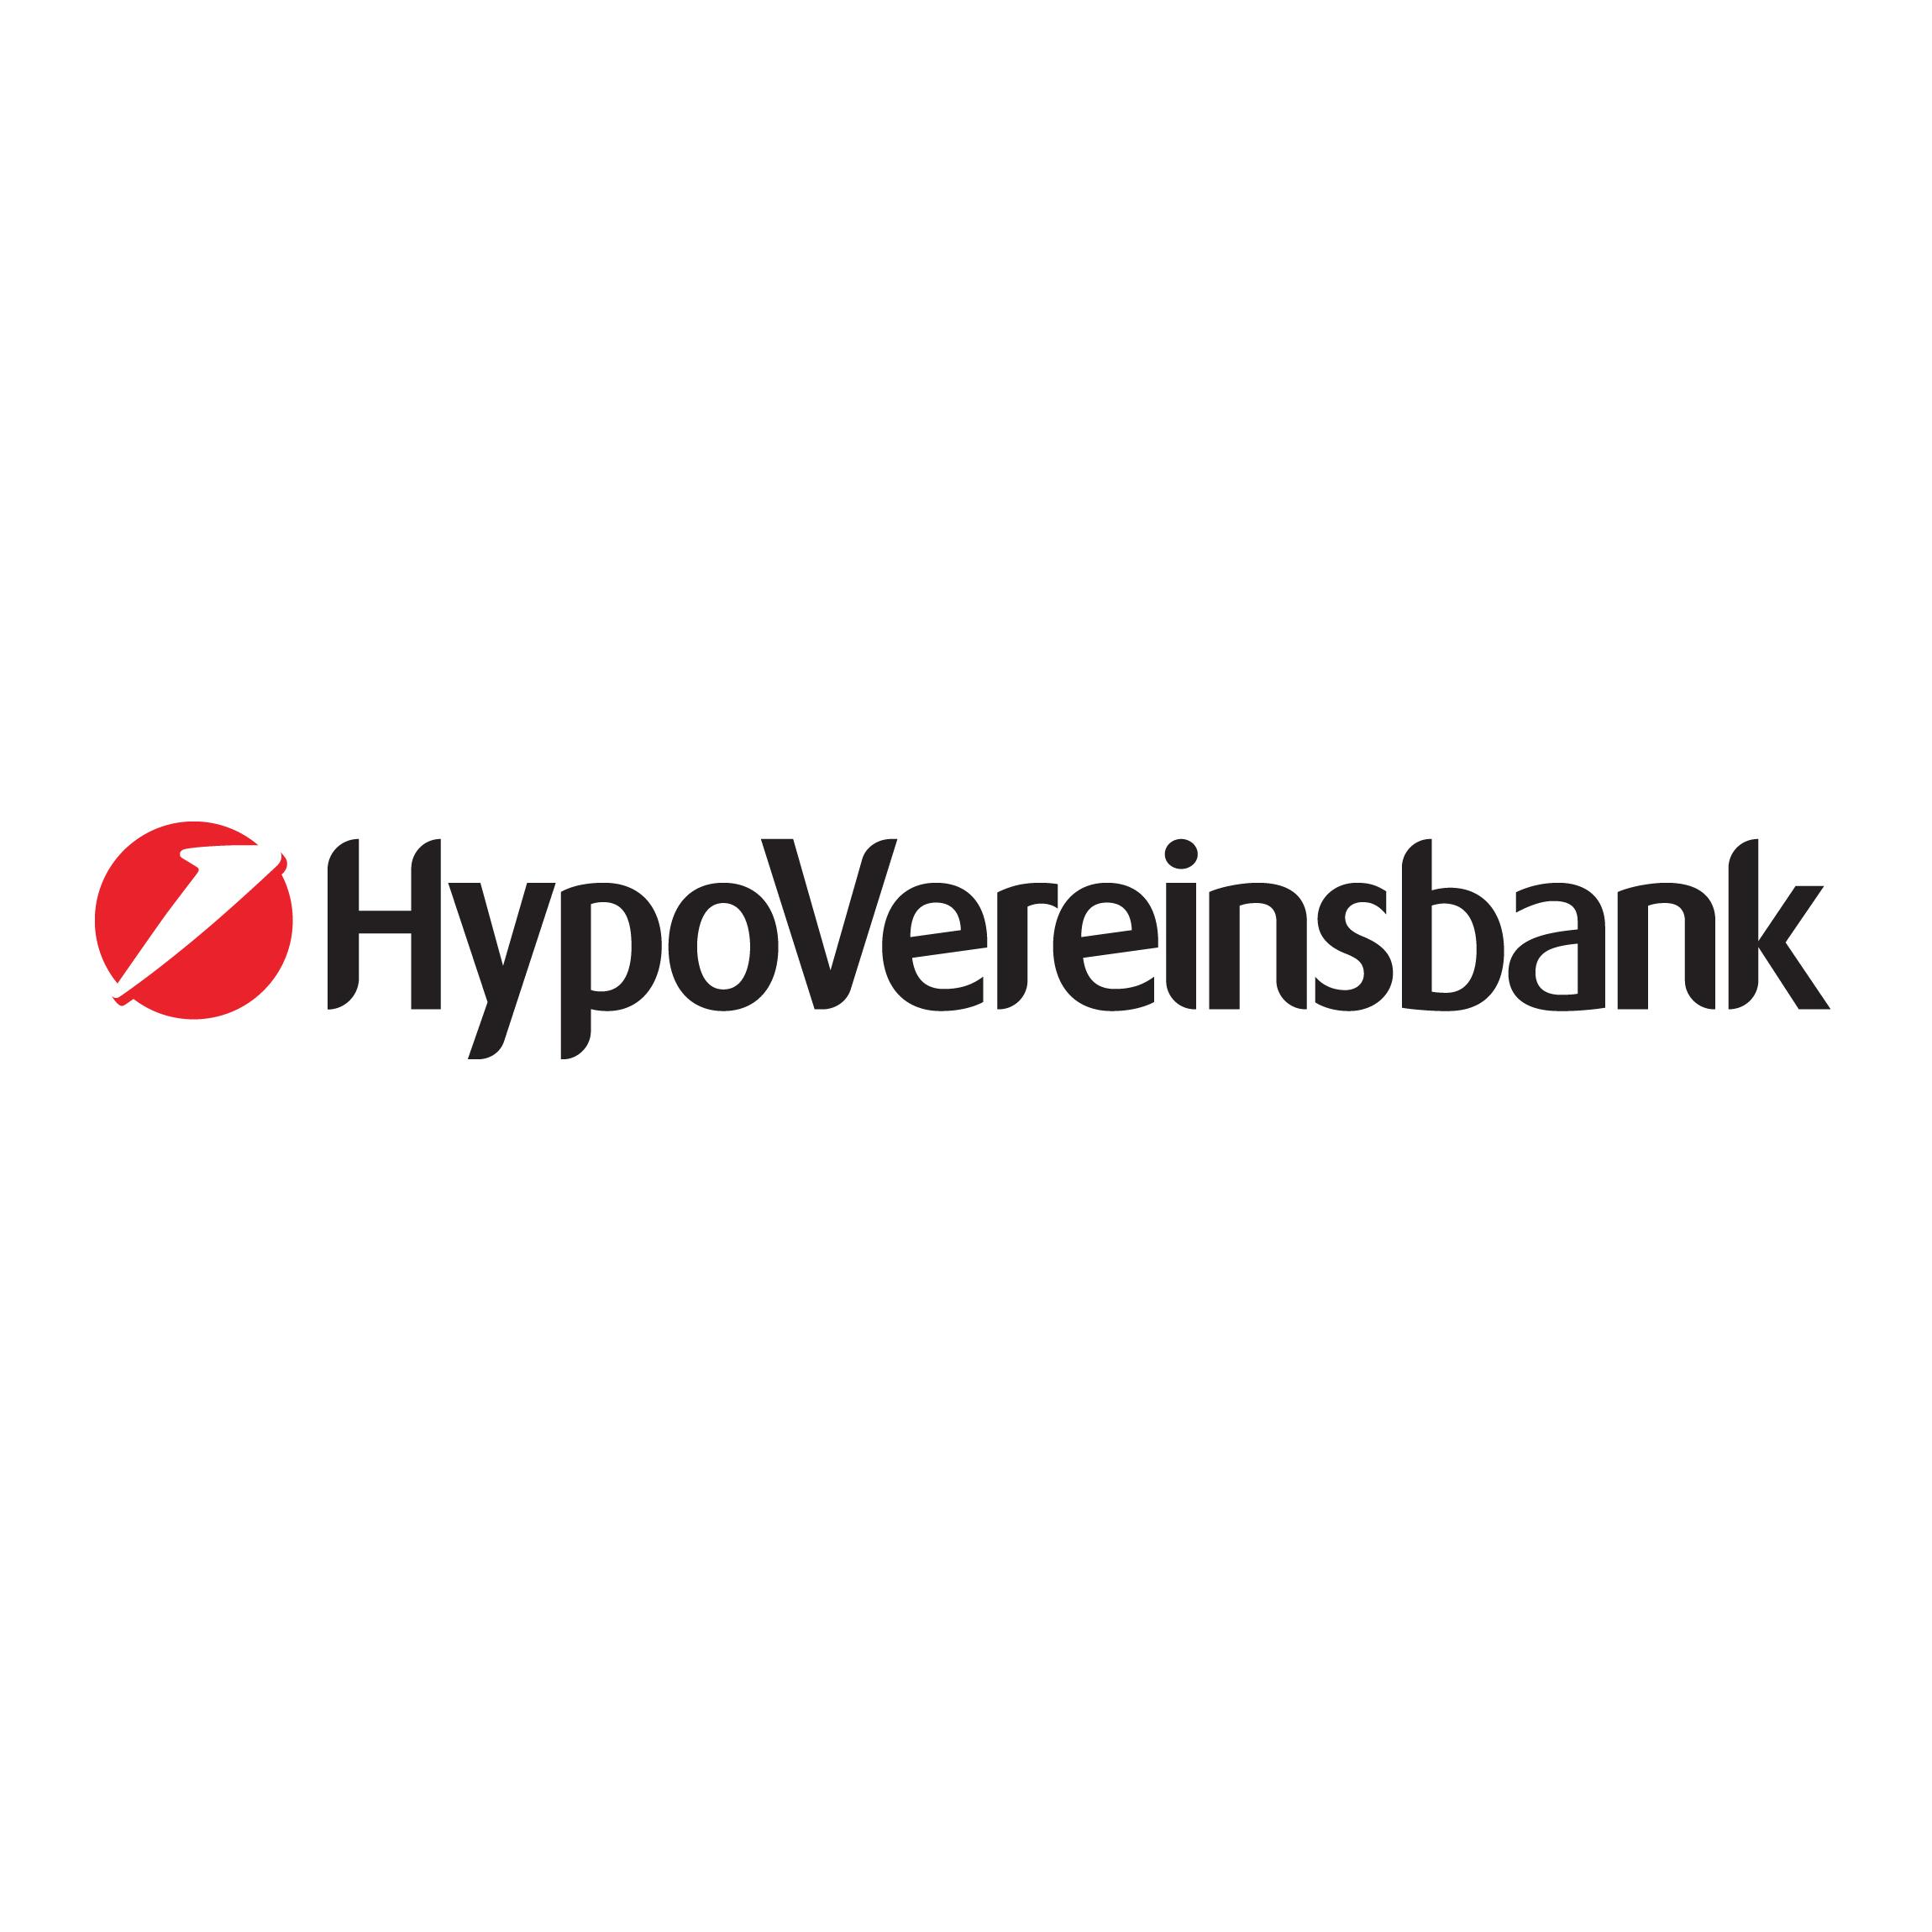 HypoVereinsbank Kappeln